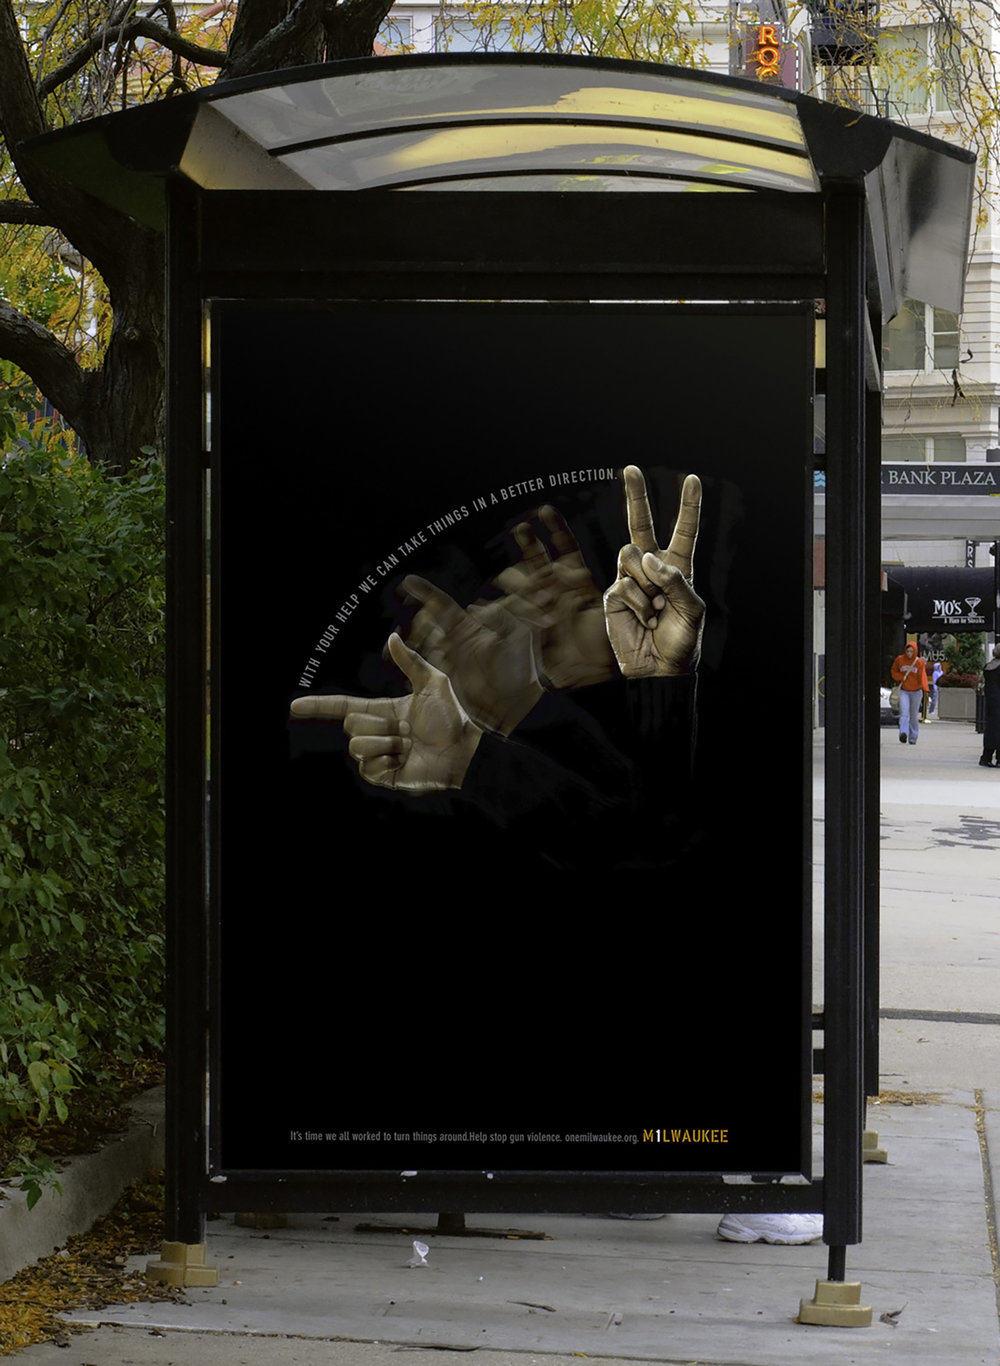 6GV_hands bus shelter.jpg